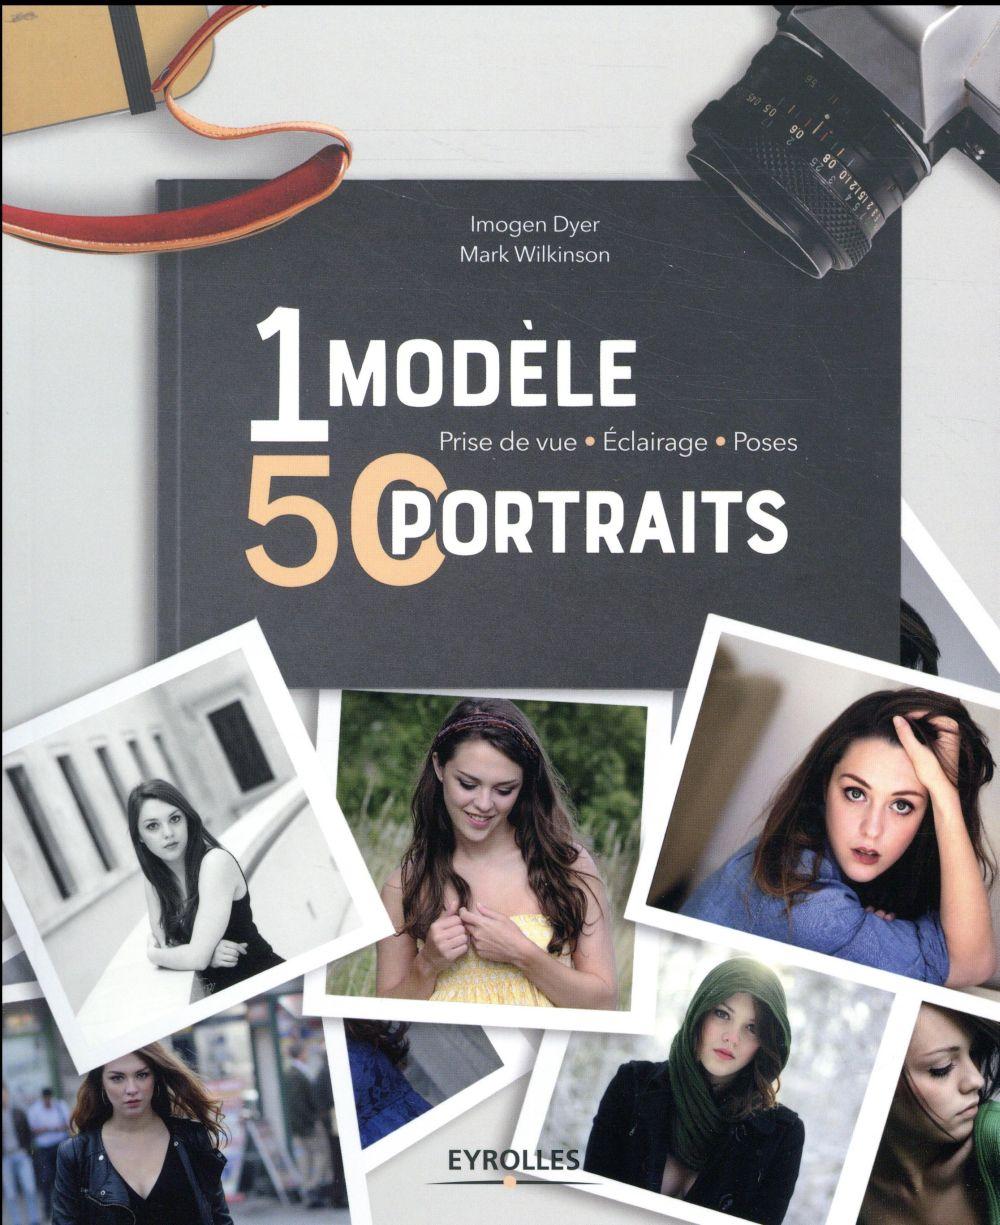 1 MODELE  50 PORTRAITS - PRISE DE VUE - ECLAIRAGE - POSES DYER/WILKINSON EYROLLES